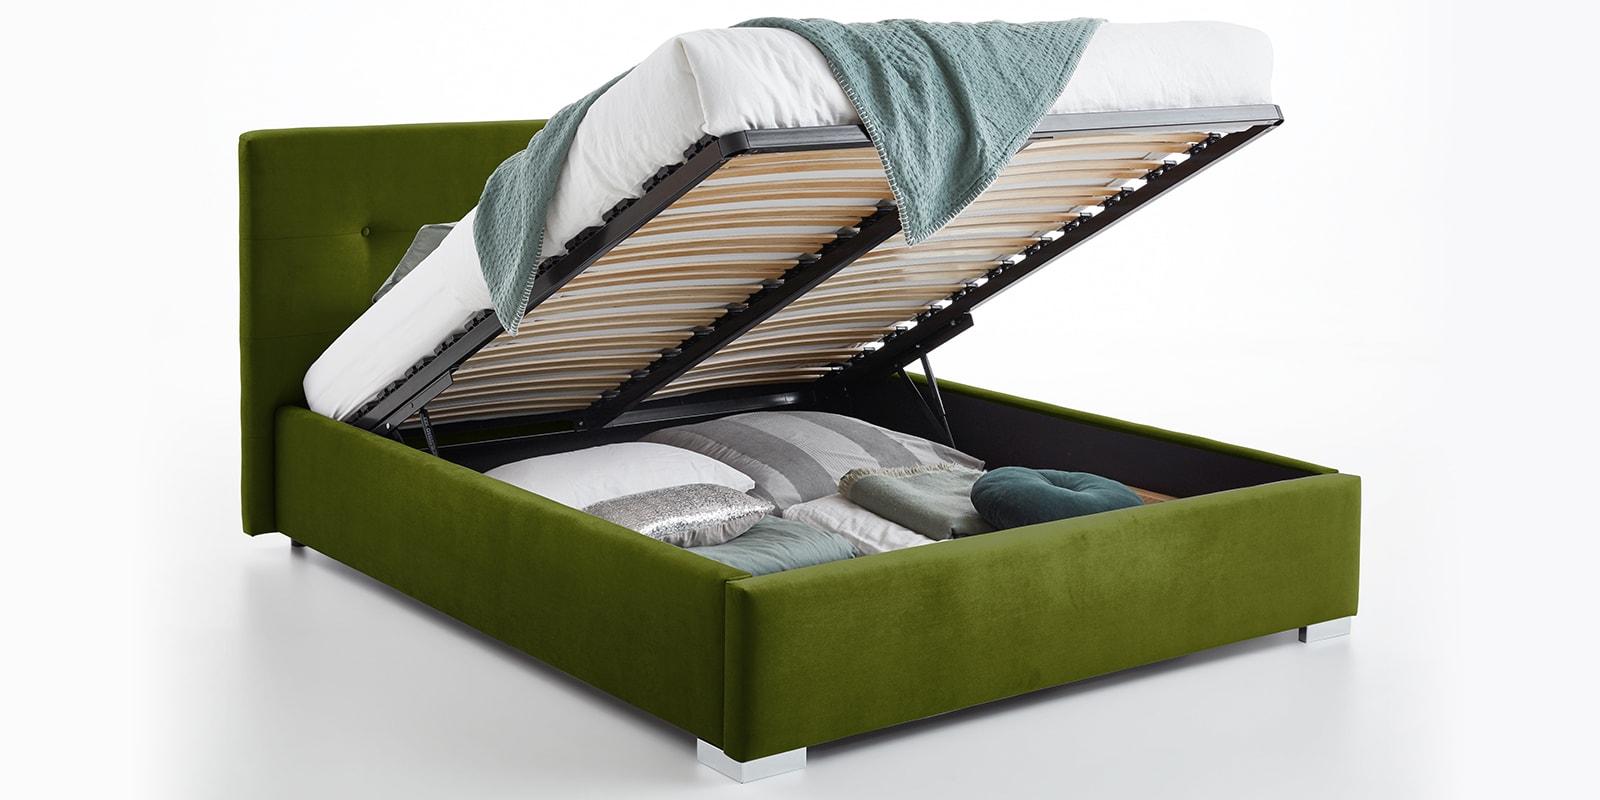 Moebella24 - Bett - mit - Bettkasten - Betty - Samt - Oliv - Stauraum - Kopfteil - mit - Knopfheftung- Bettkasten - Geöffnet